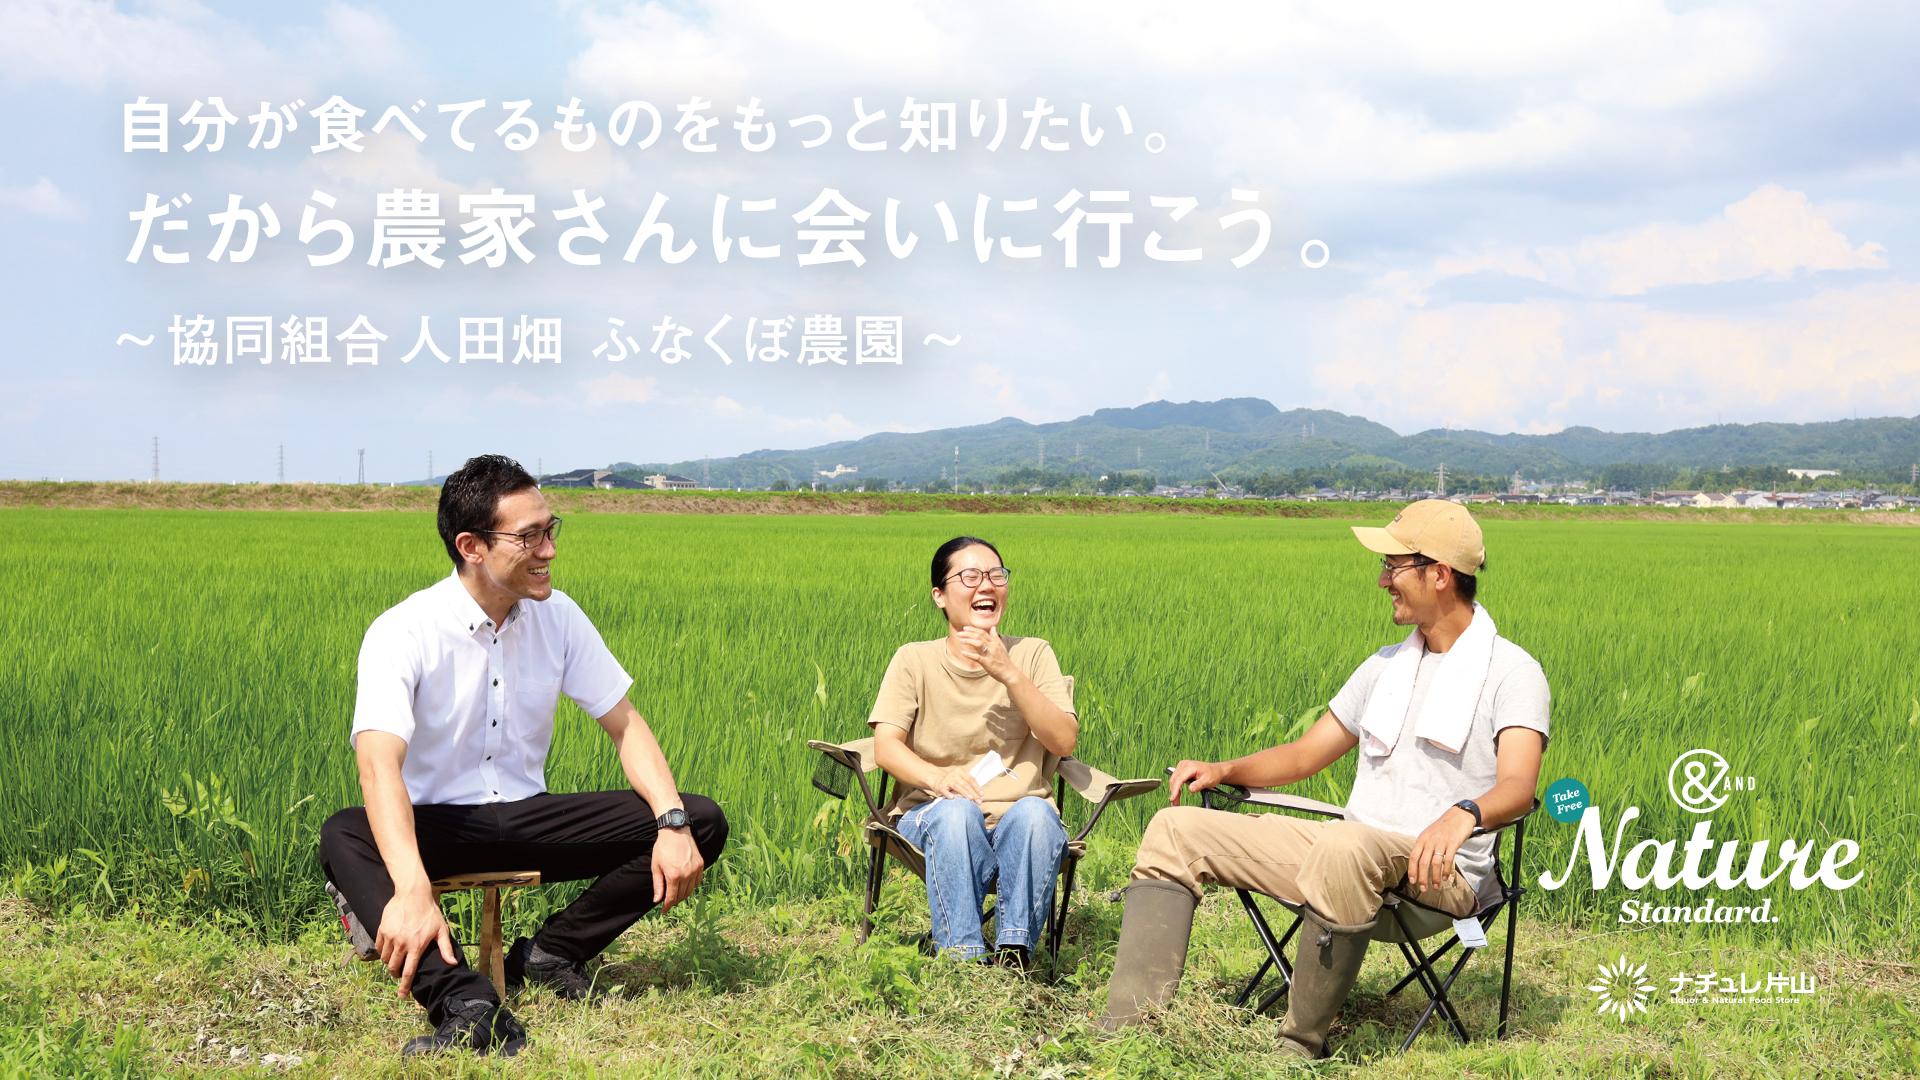 人田畑のふなくぼ農園さんと対談してきました。